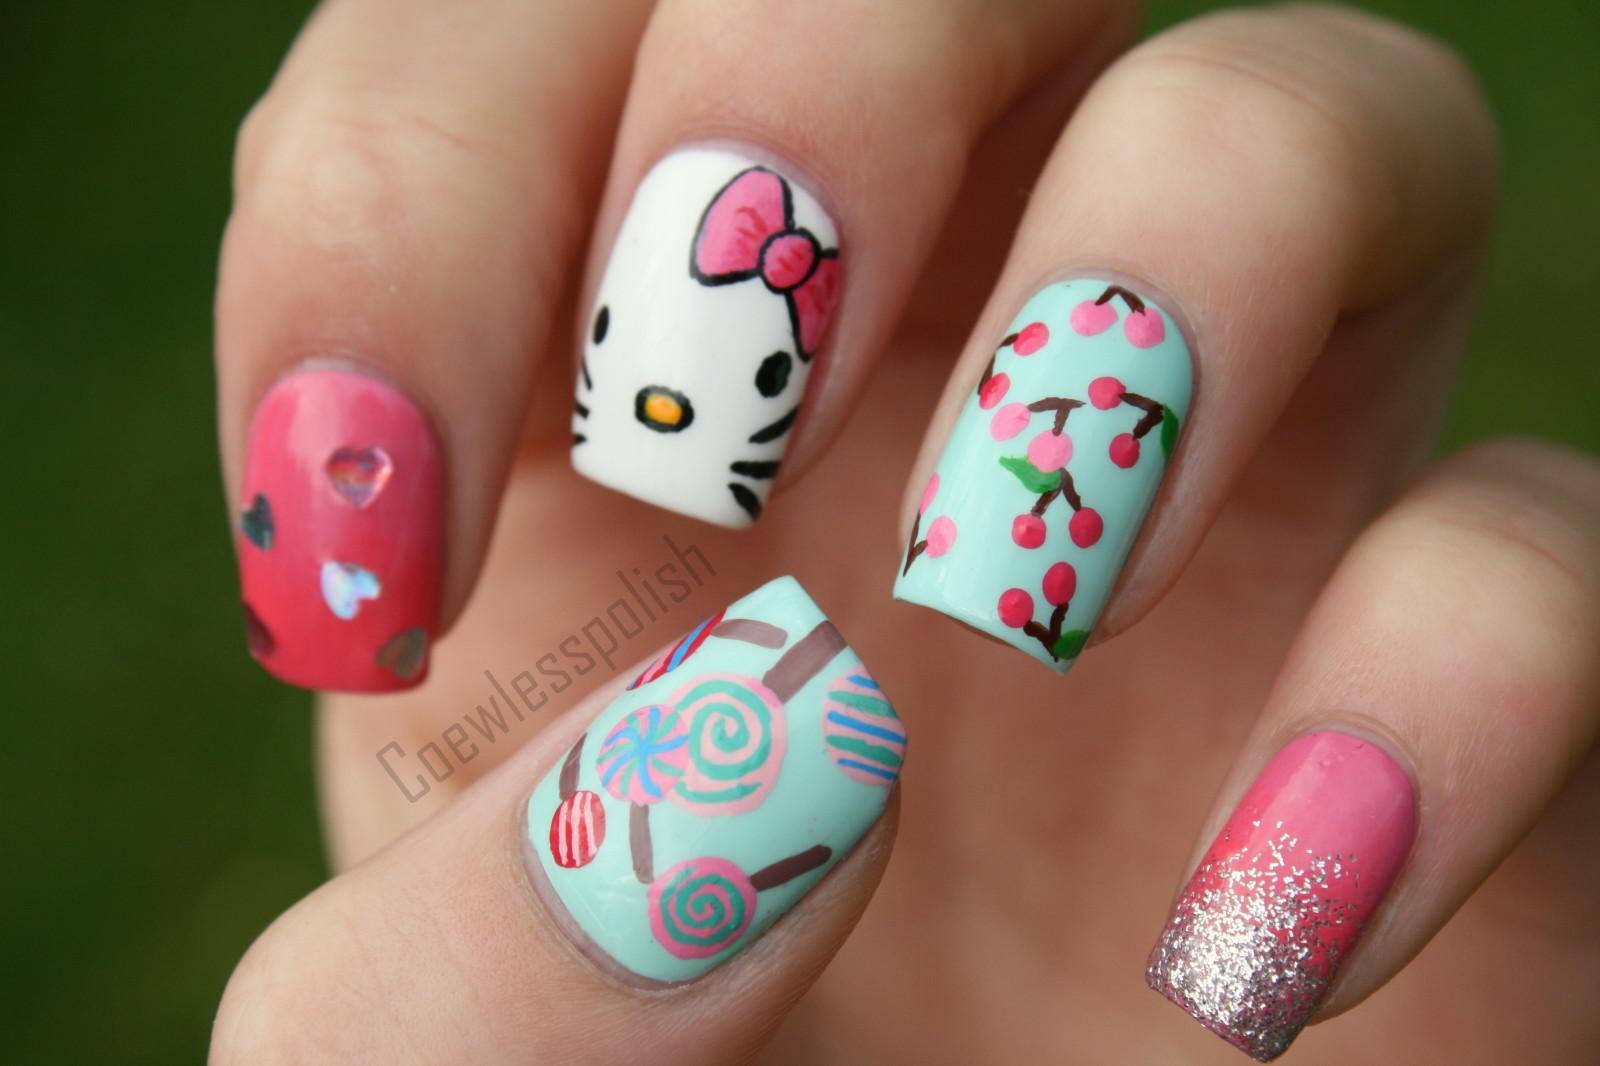 Fondos de pantalla : gradiente, rosado, magenta, Cereza, mano, uña ...